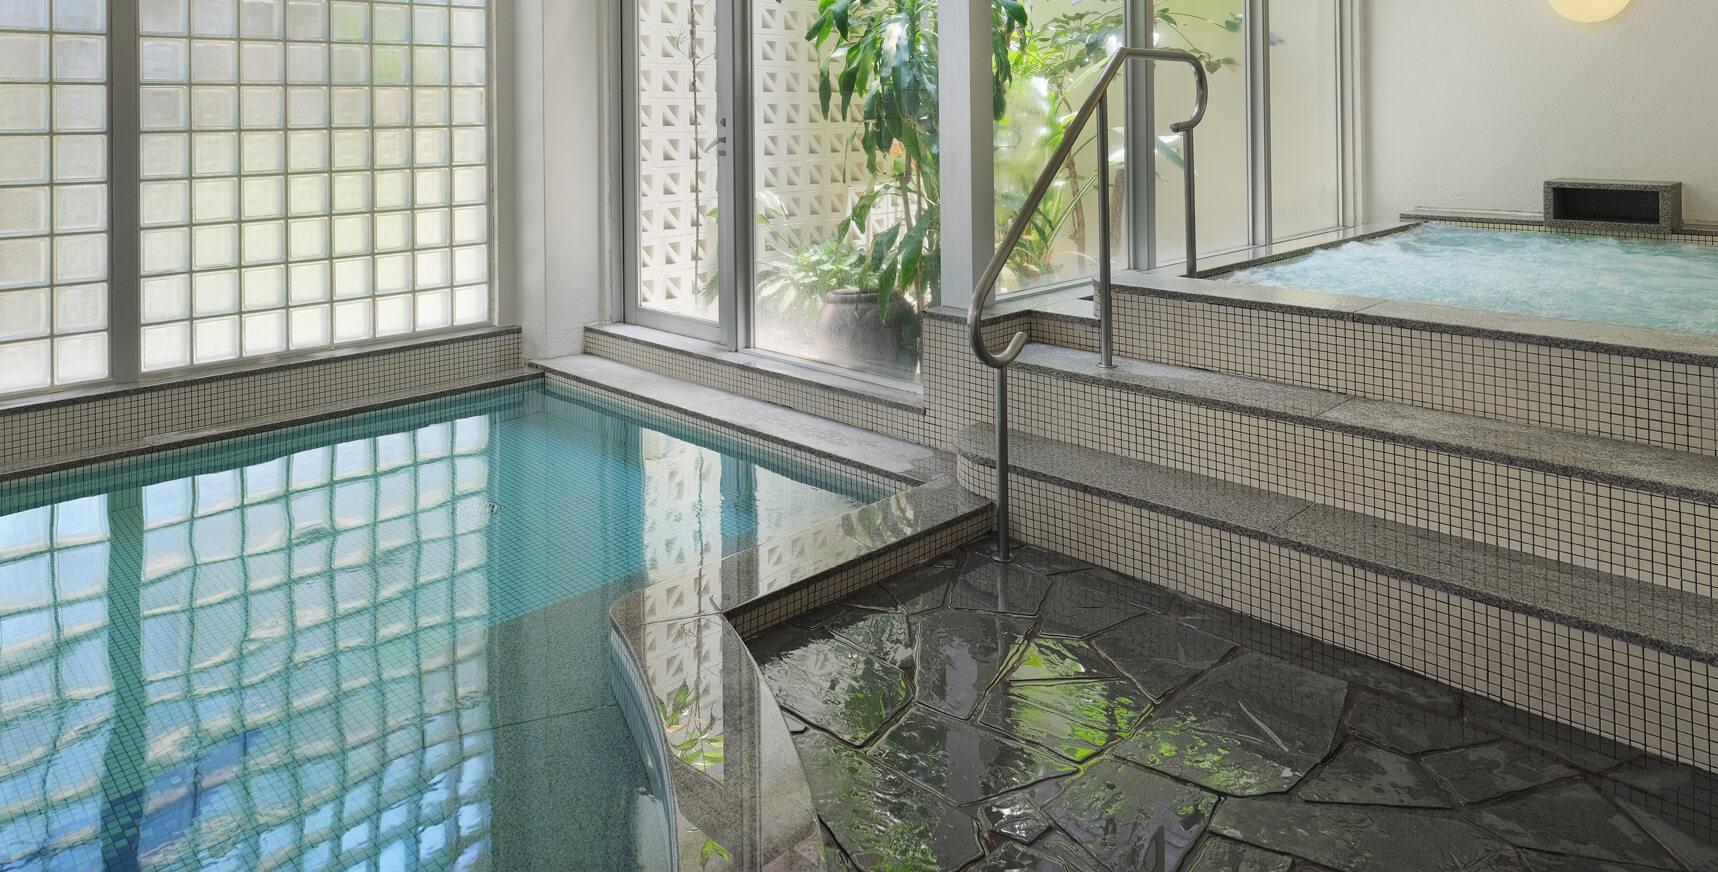 大浴場 恩納村 ホテル ANA インター コンチネンタル 万座 ビーチ リゾート